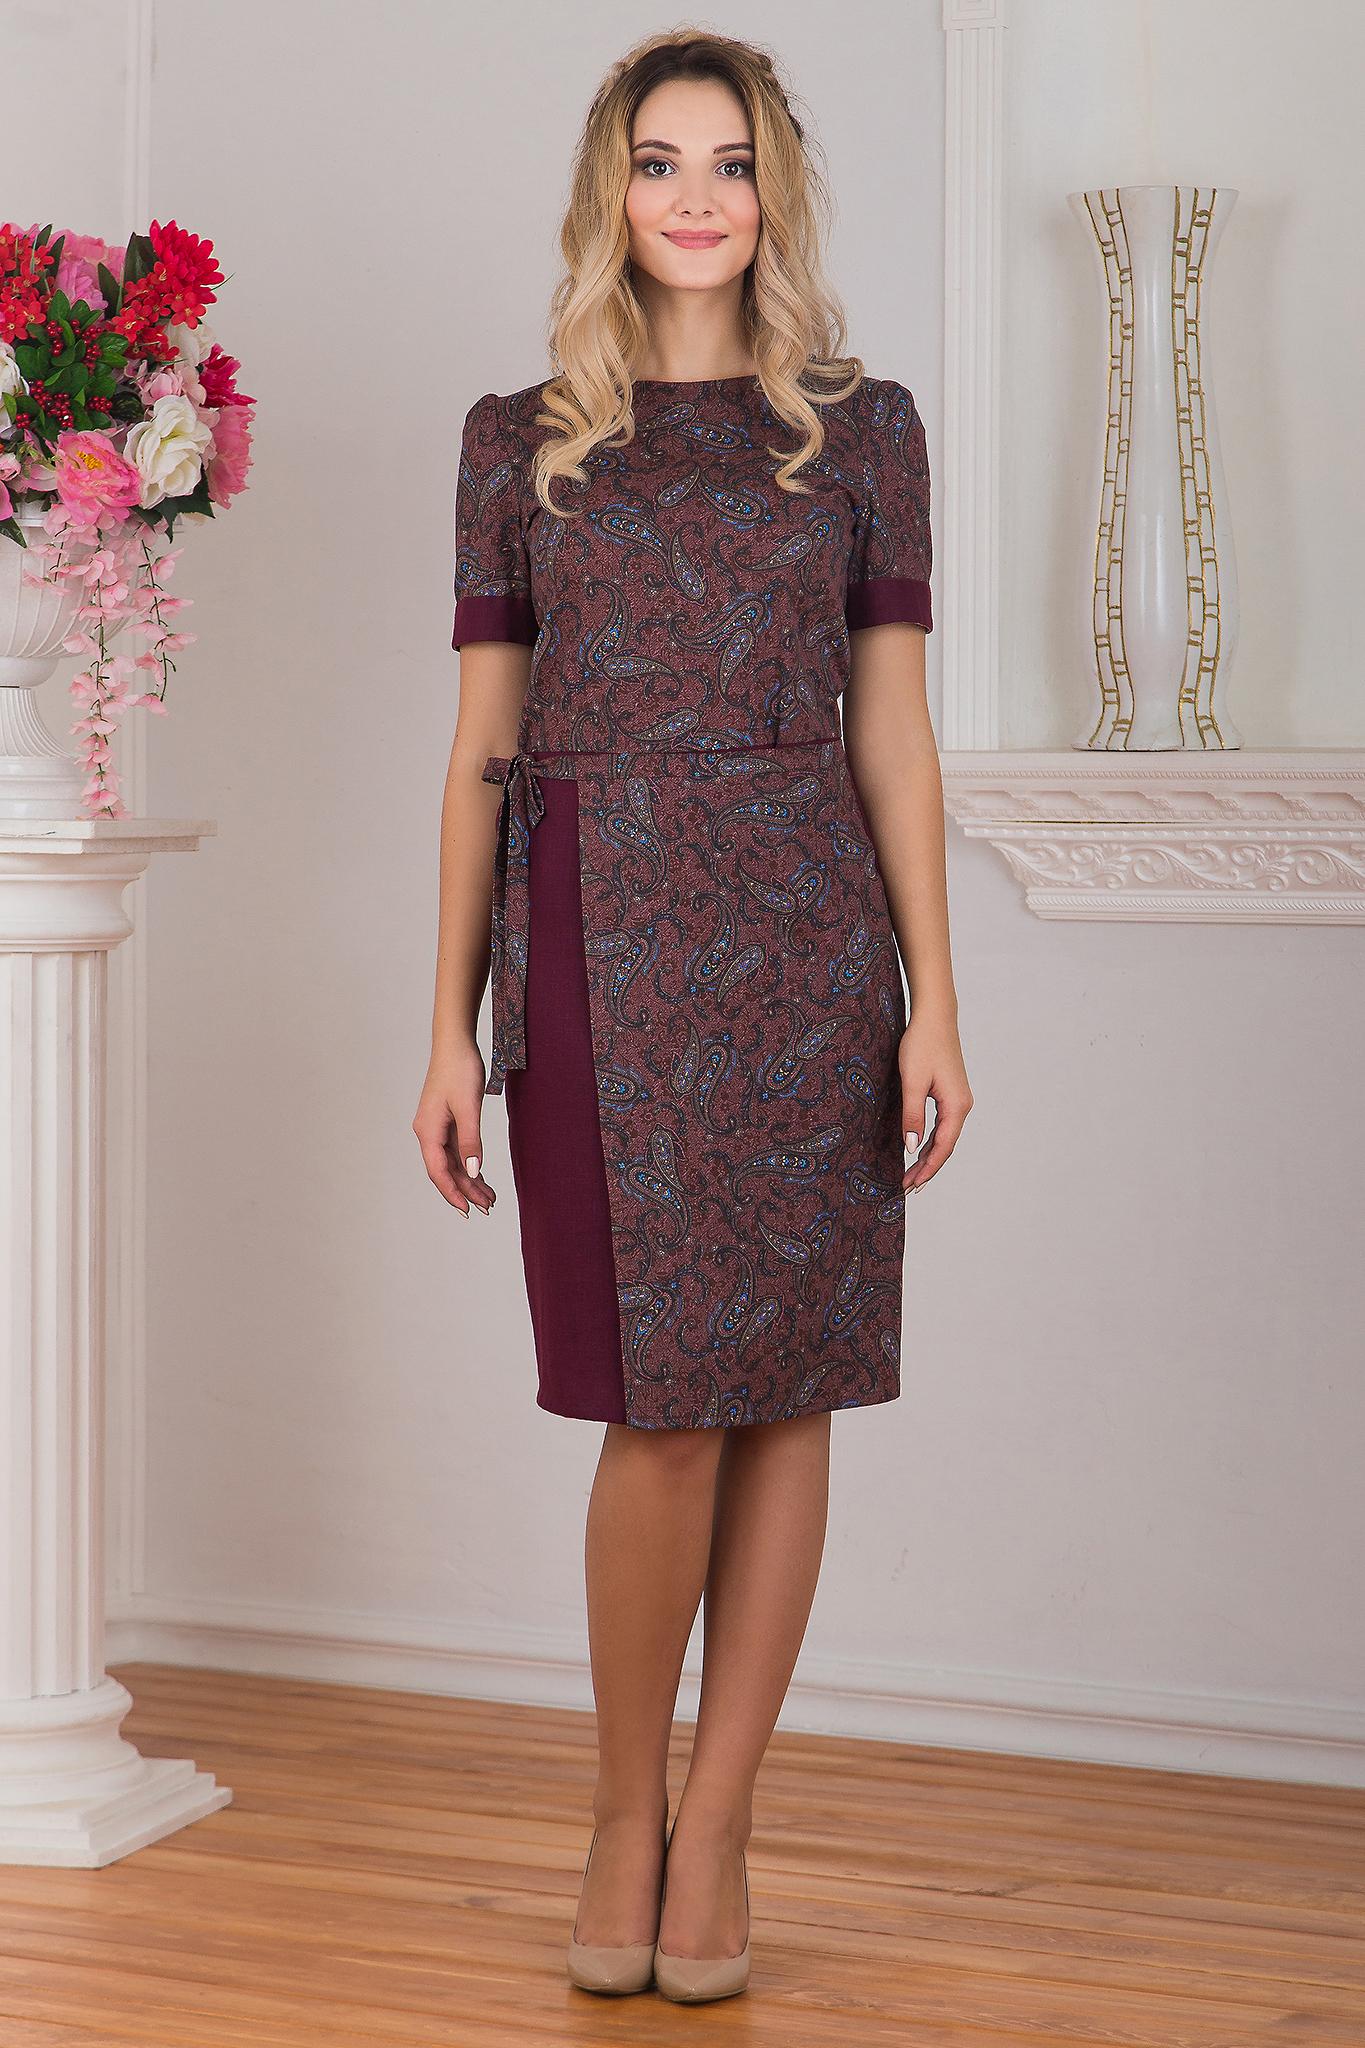 Платье с запахом Спелая вишня от Иванки